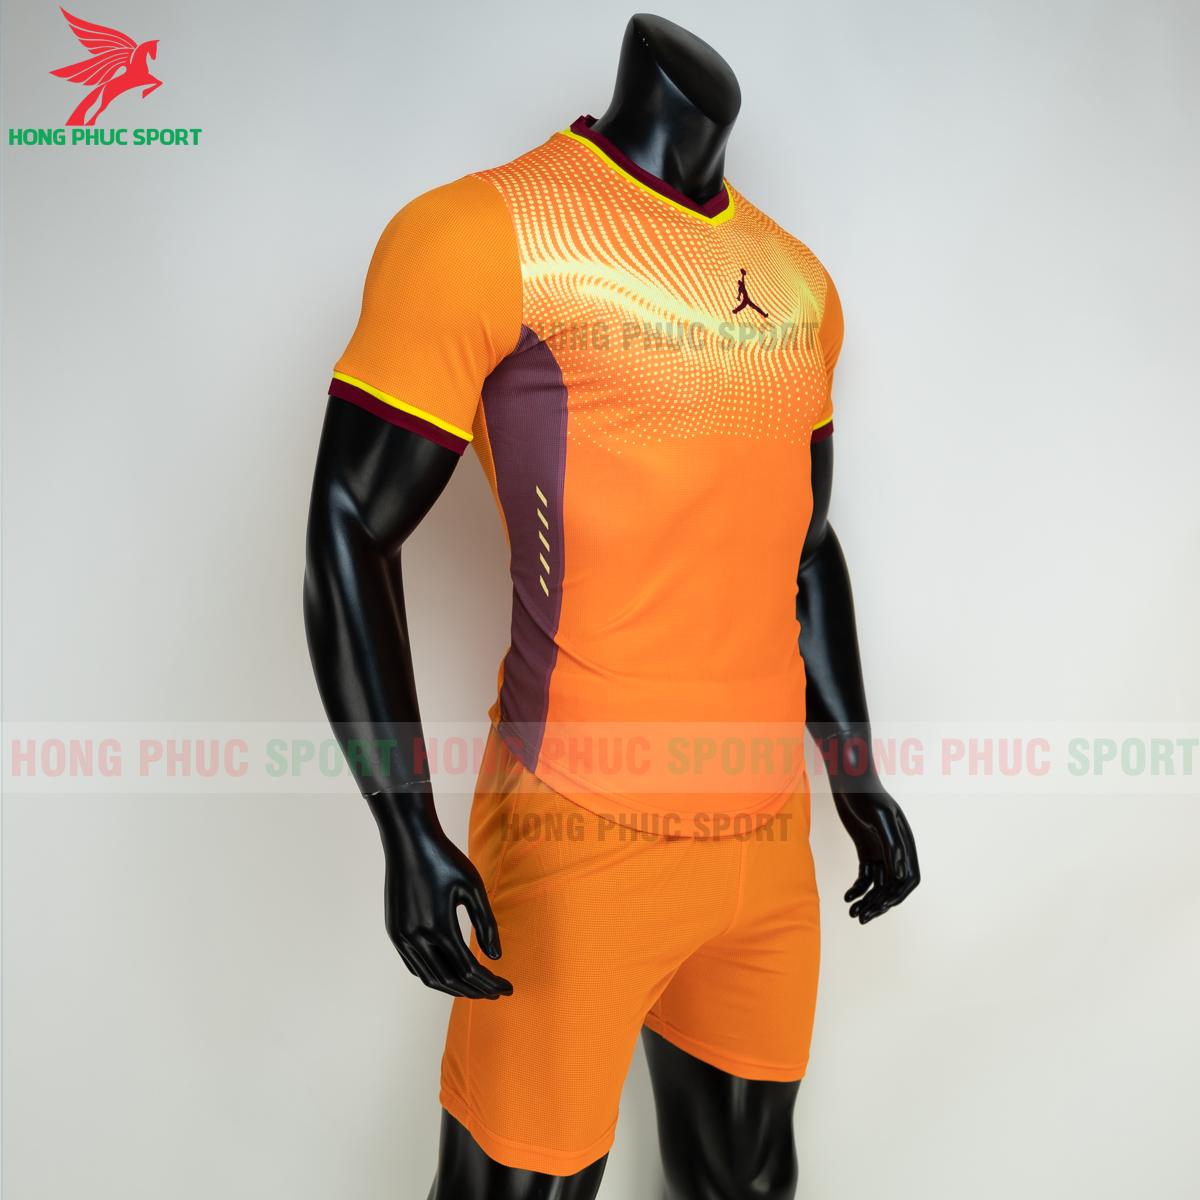 Áo đá banh không logo JORDAN WAVE 2021 màu cam (phải)